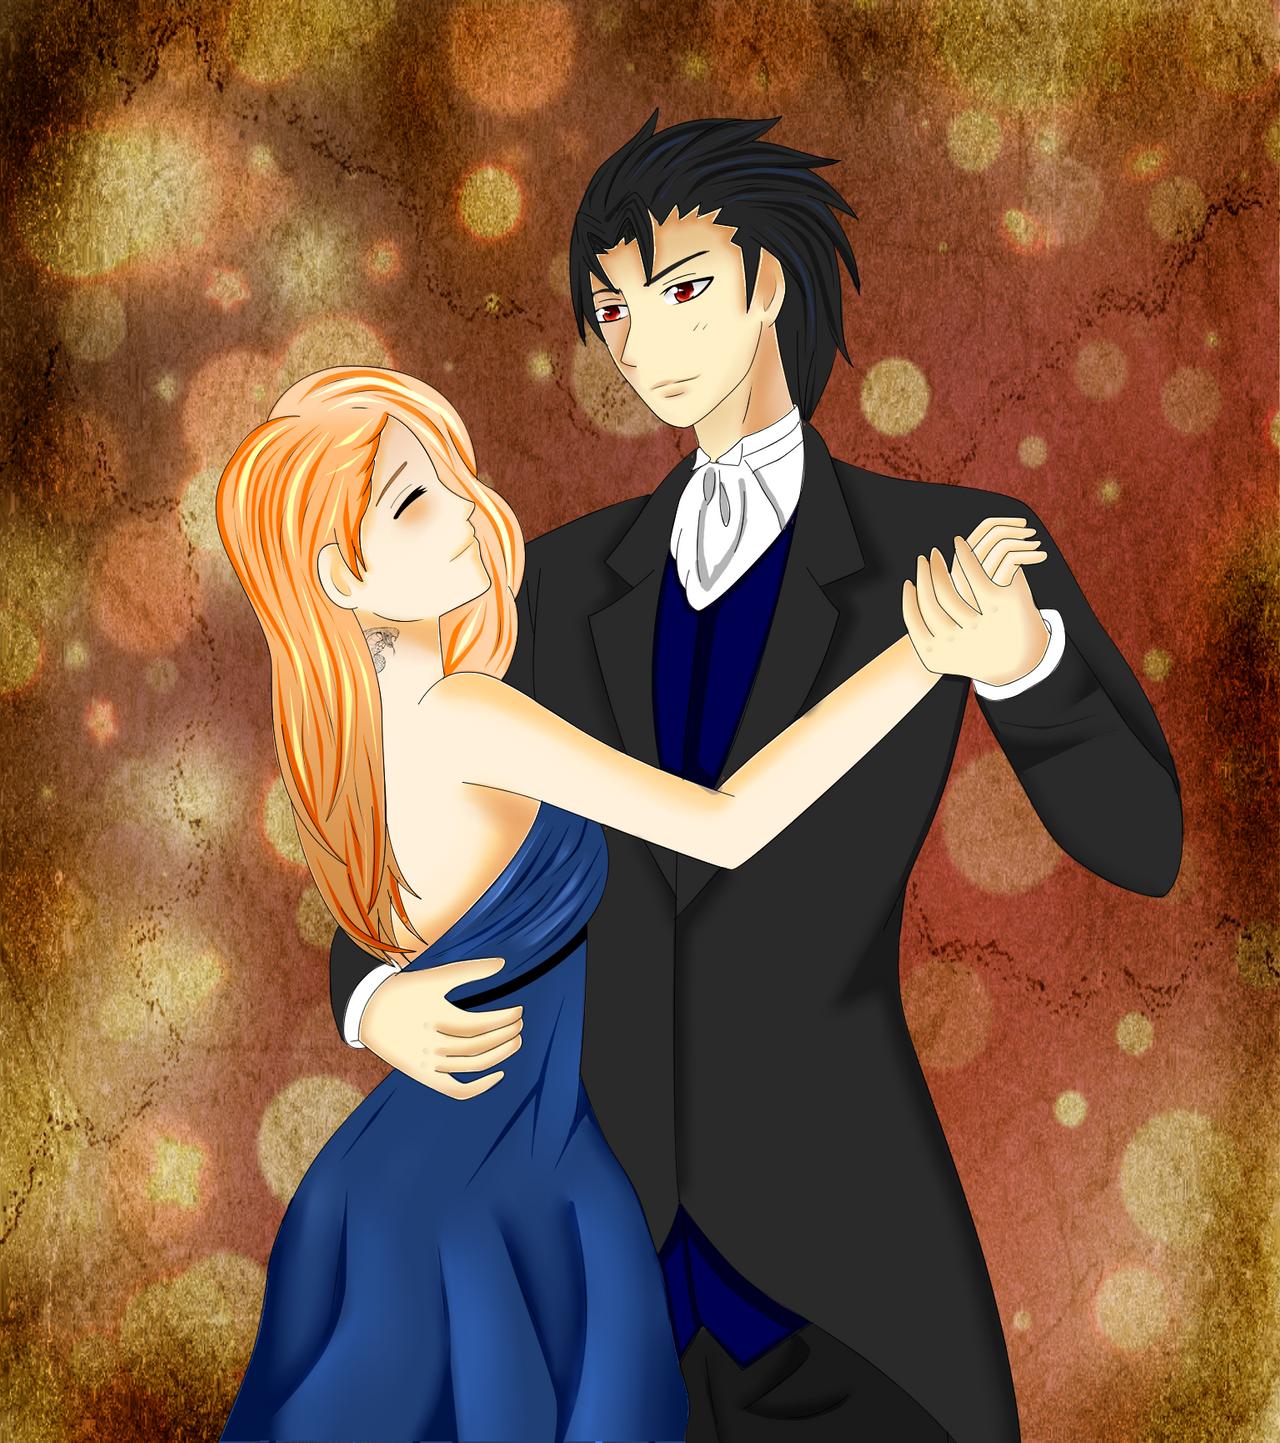 Baile-Ema y Tristan by BlackKissu on DeviantArt